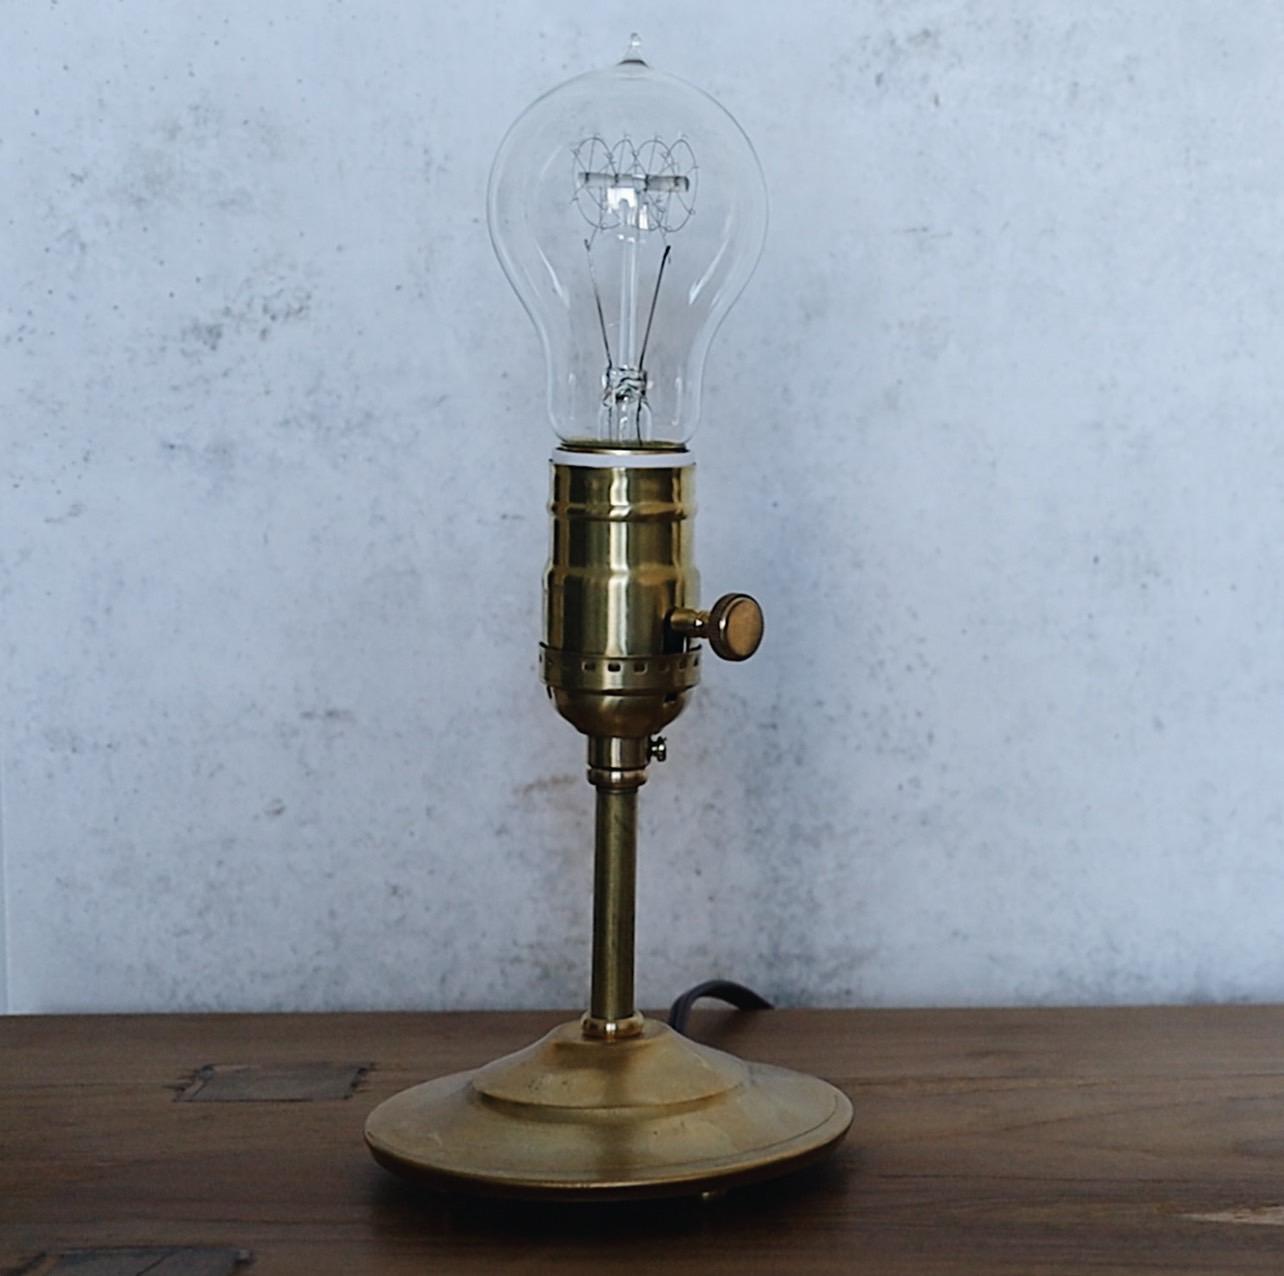 真鍮のスタンドに、電球が取り付けられたシンプルな照明です(「POINT NO. 39」の「真鍮スタンド照明 S size」/約15,180円)